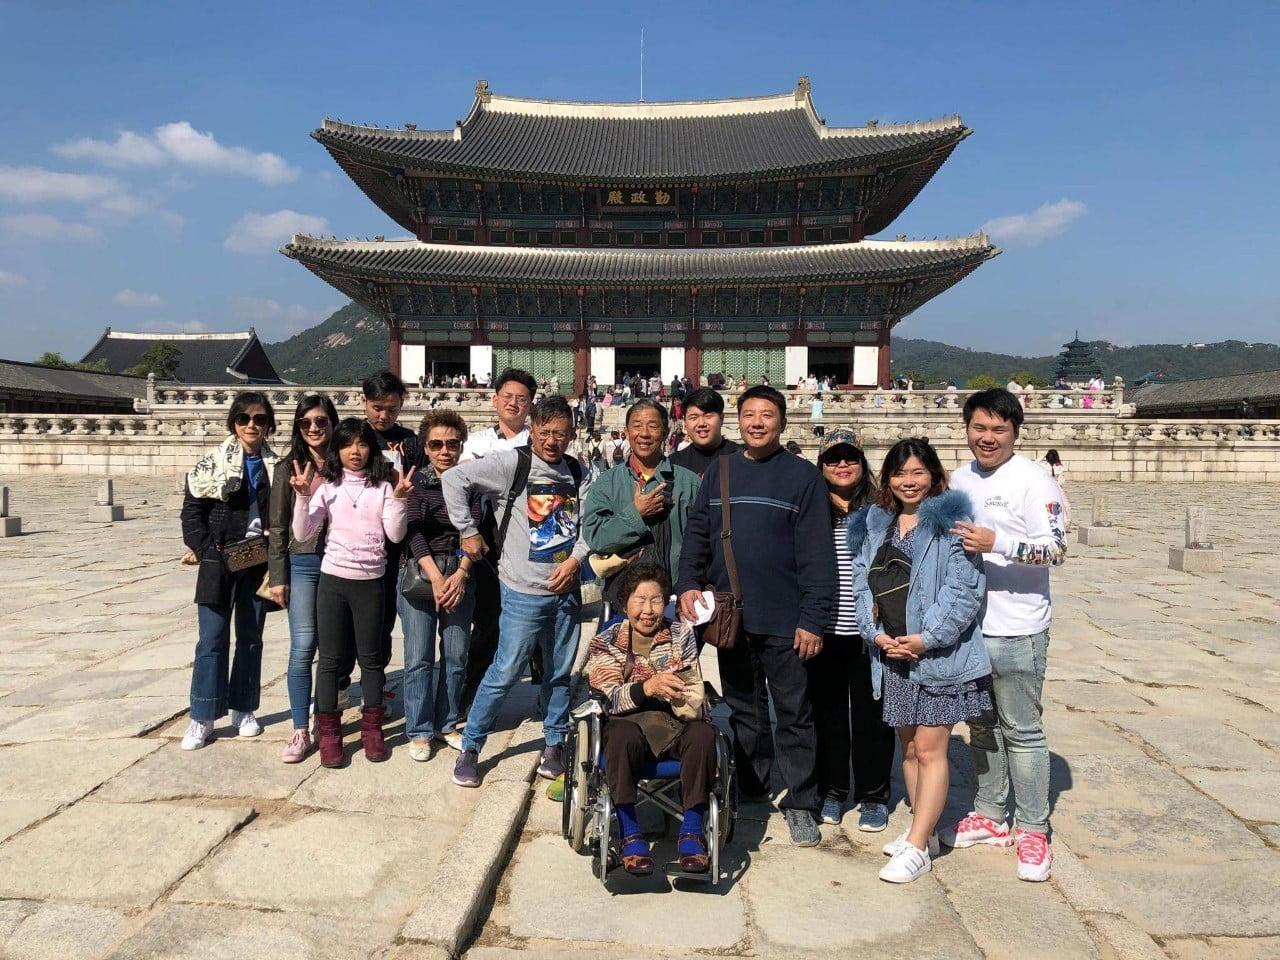 ครอบครัวคุณพรทิพย์ ท่องเที่ยวเกาหลี